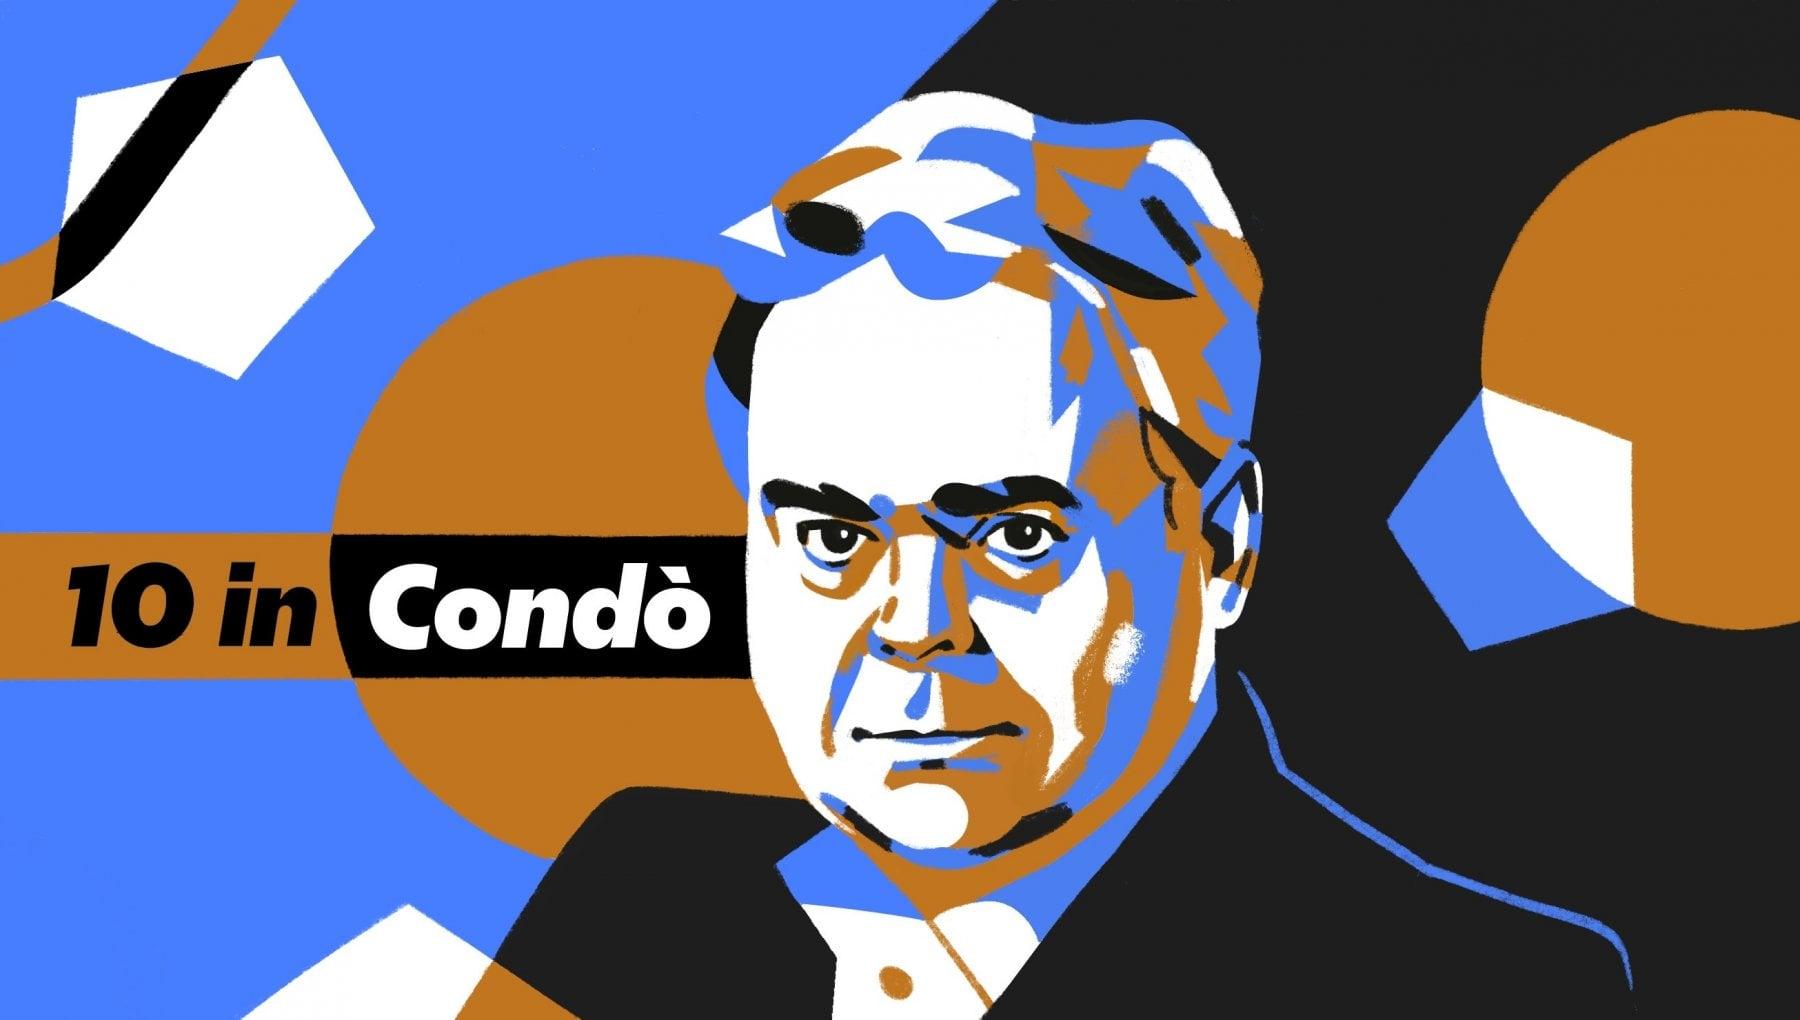 10 in Condo la newsletter i podcast di Paolo Condo e Maurizio Crosetti iscriviti per riceverli sulla tua casella e mail